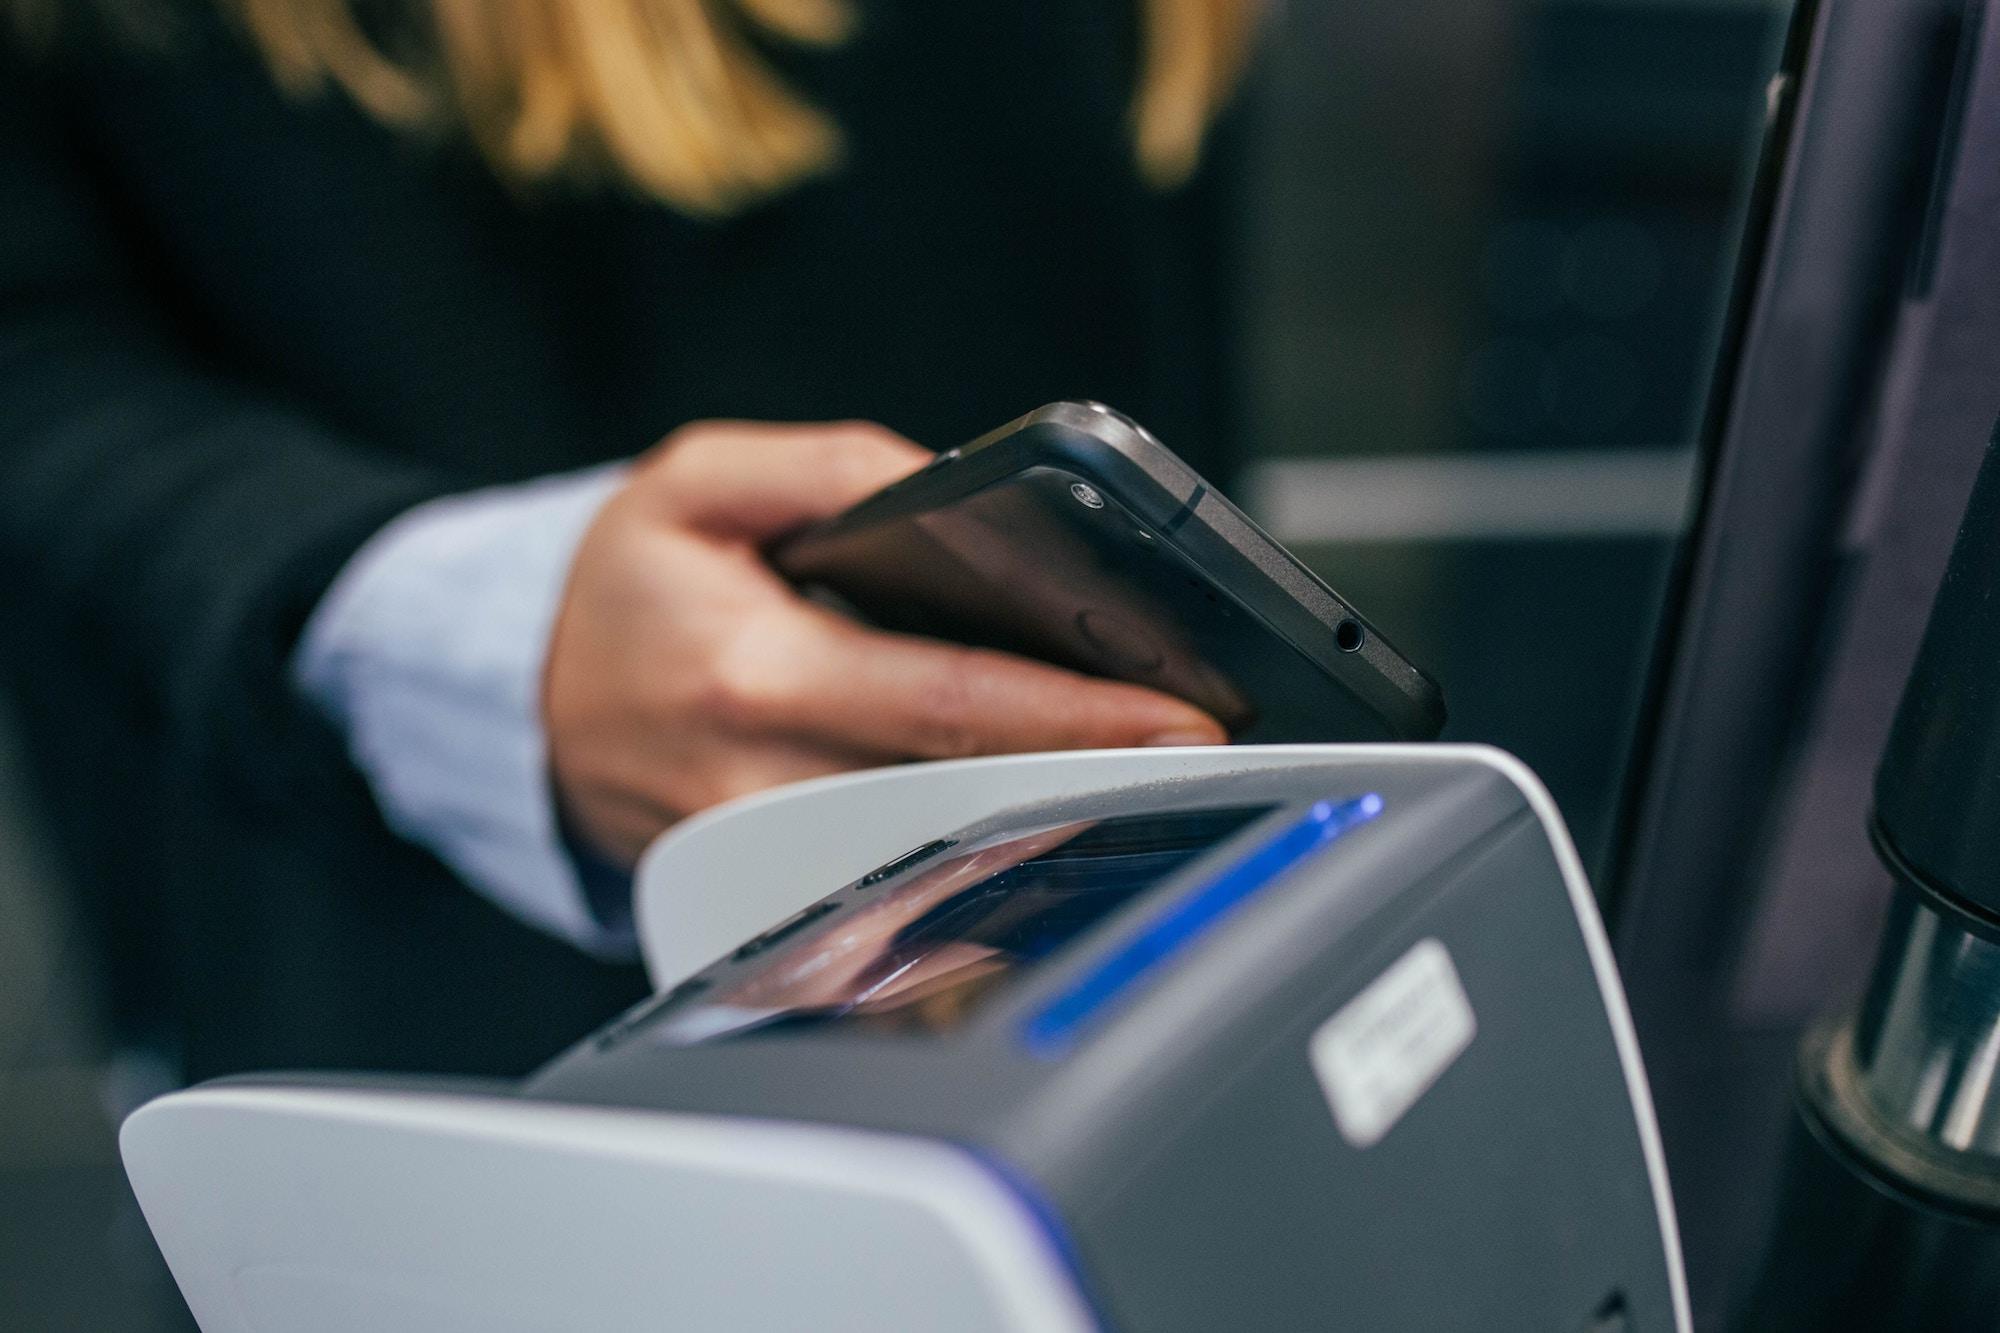 В Україні підвищать ліміт безготівкових розрахунків без PIN-коду